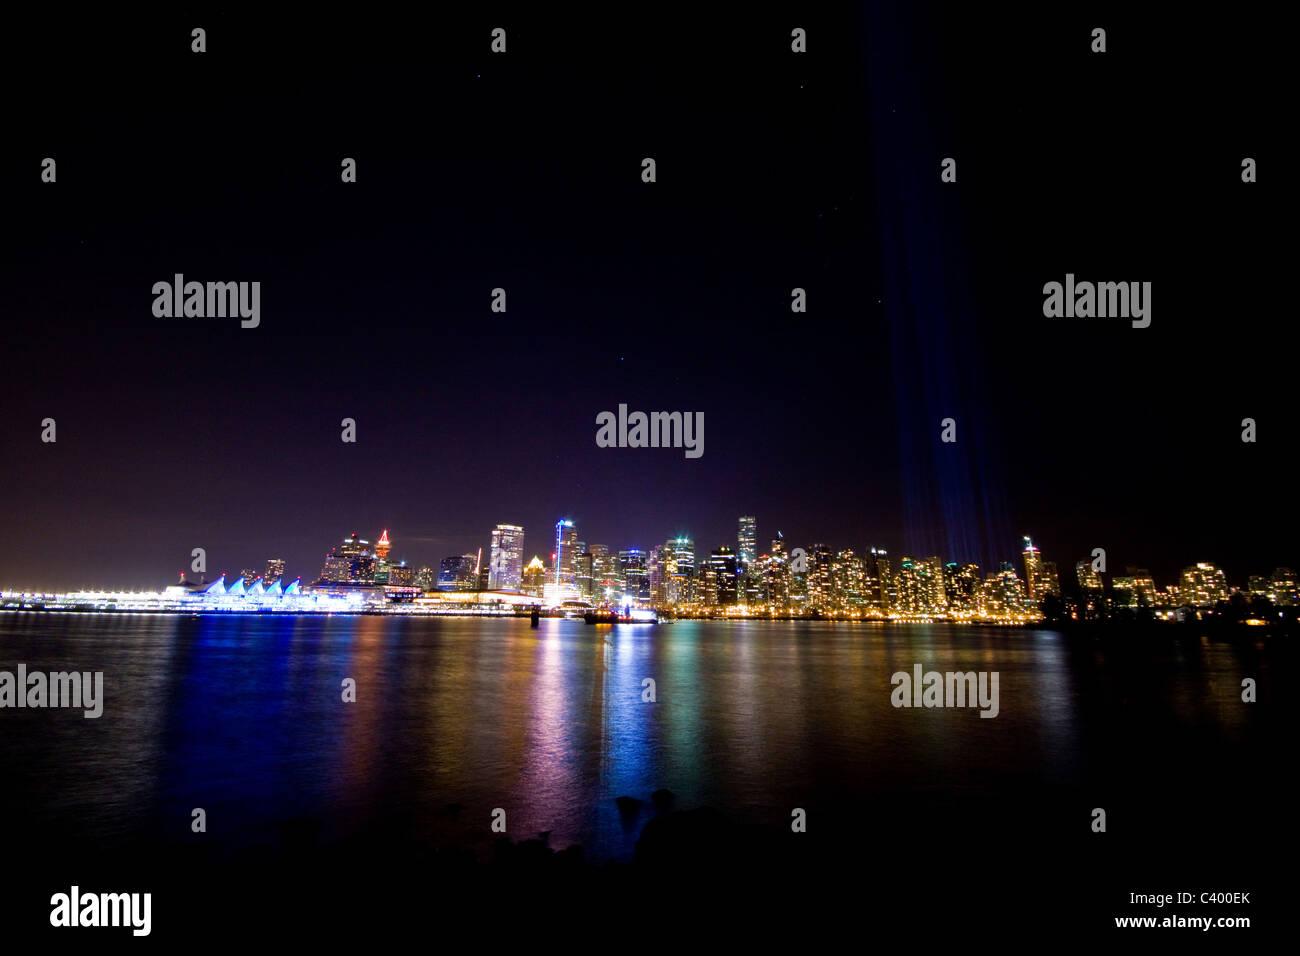 Pleins feux derrière Vancouver west end au cours des Jeux Olympiques d'hiver de 2010, Vancouver, Canada. Lumières colorées reflète dans le port. Banque D'Images